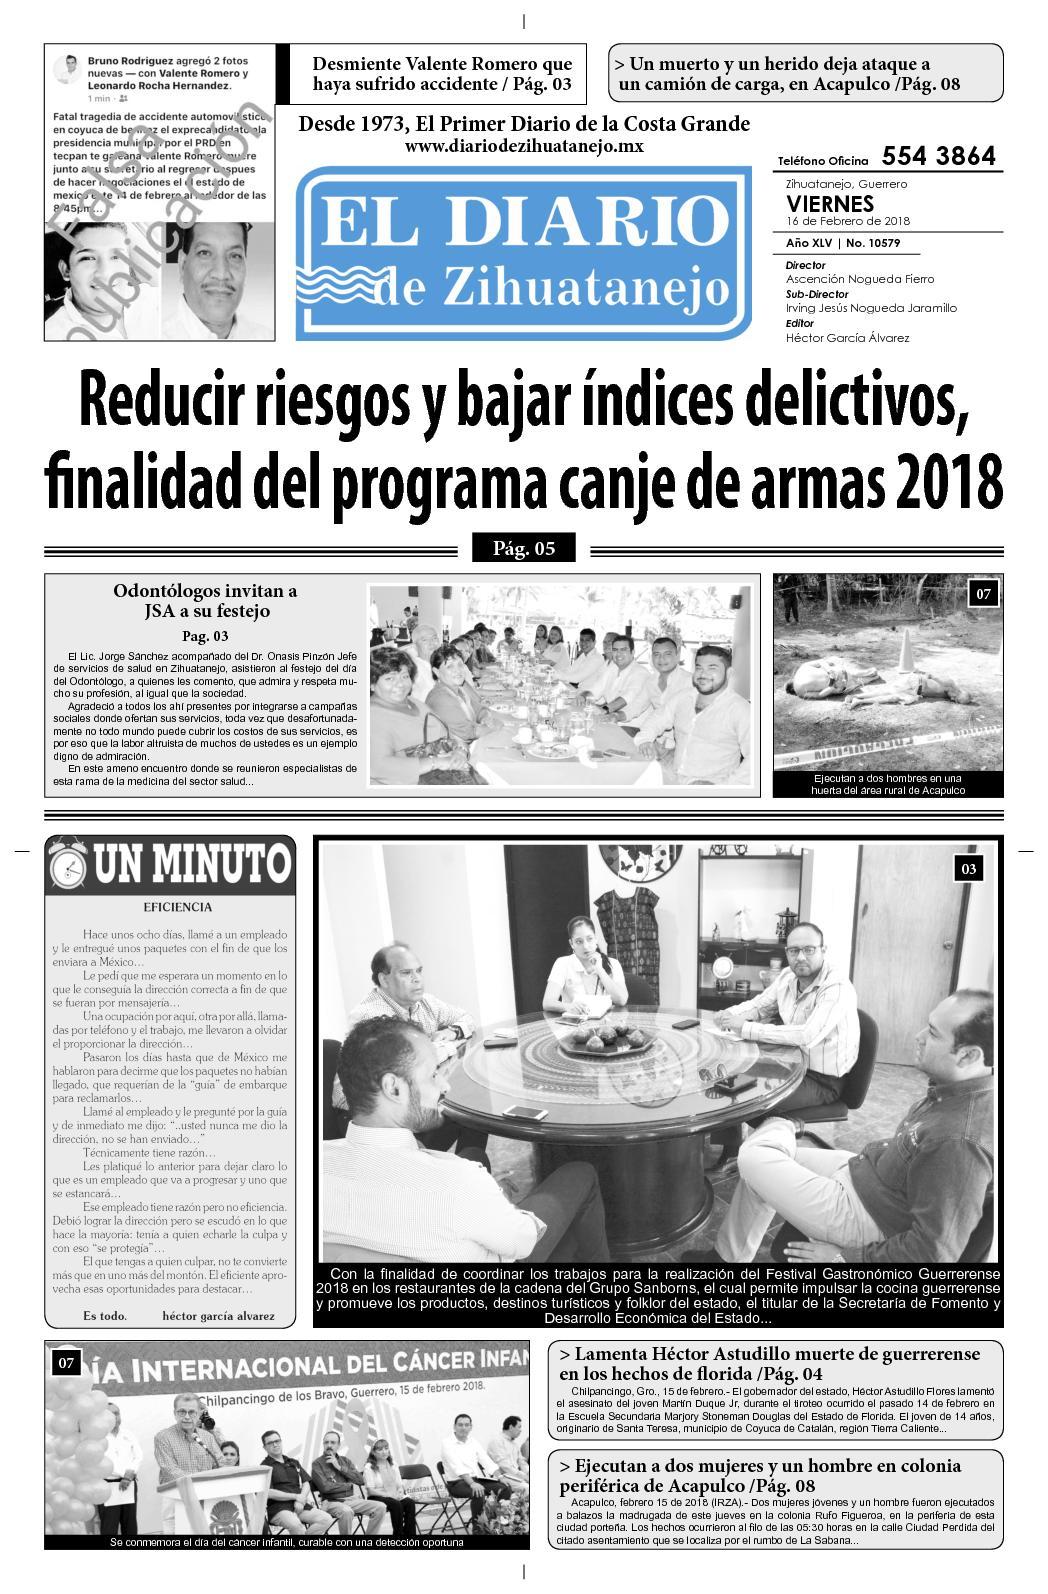 Calaméo - Viernes 16 de Febrero del 2018